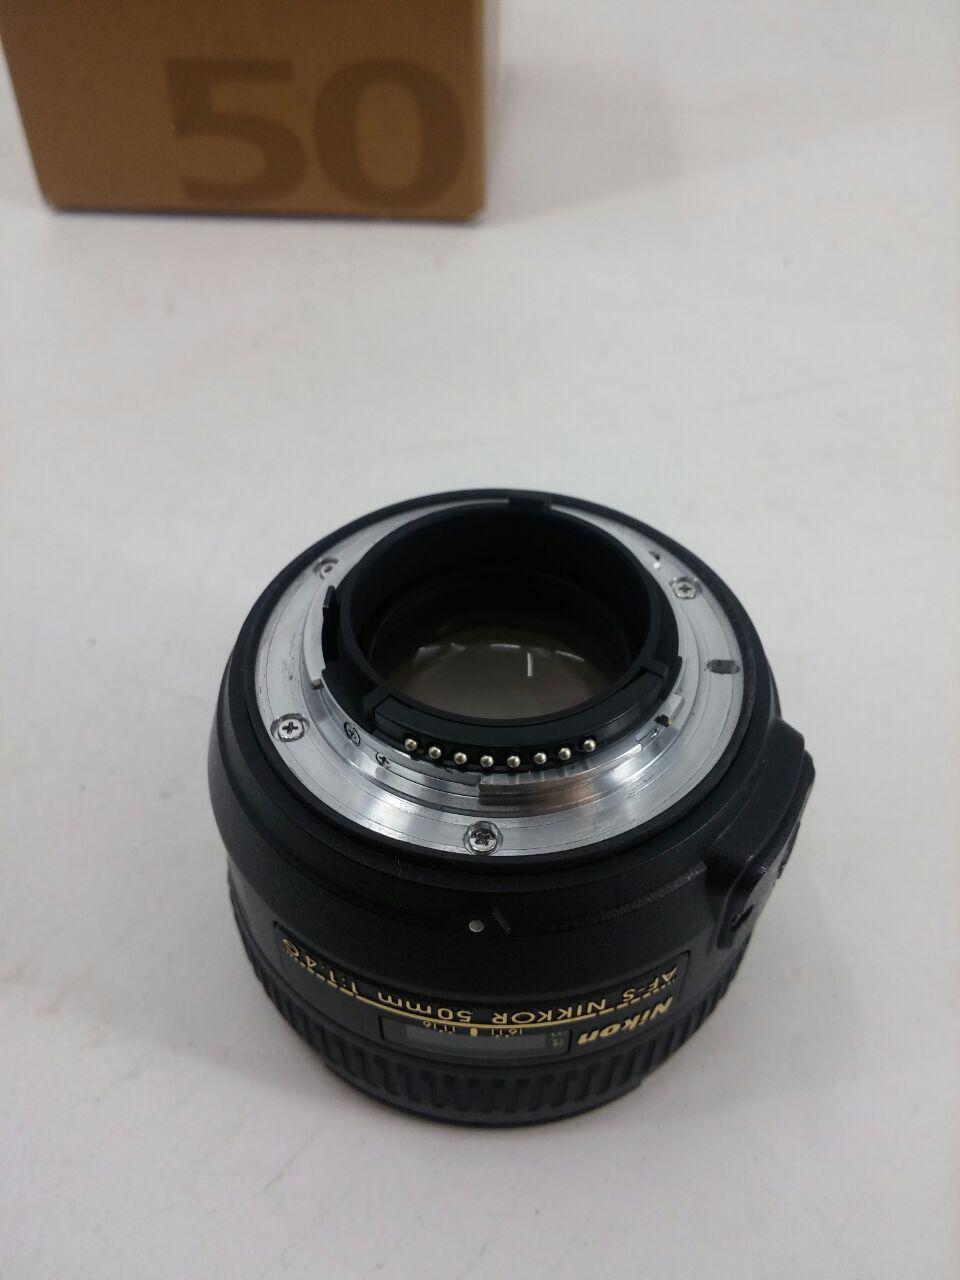 لنز نیکون مدل AF-S NIKKOR 50mm f/1.4G   Nikon AF-S NIKKOR 50mm f/1.4G Lens